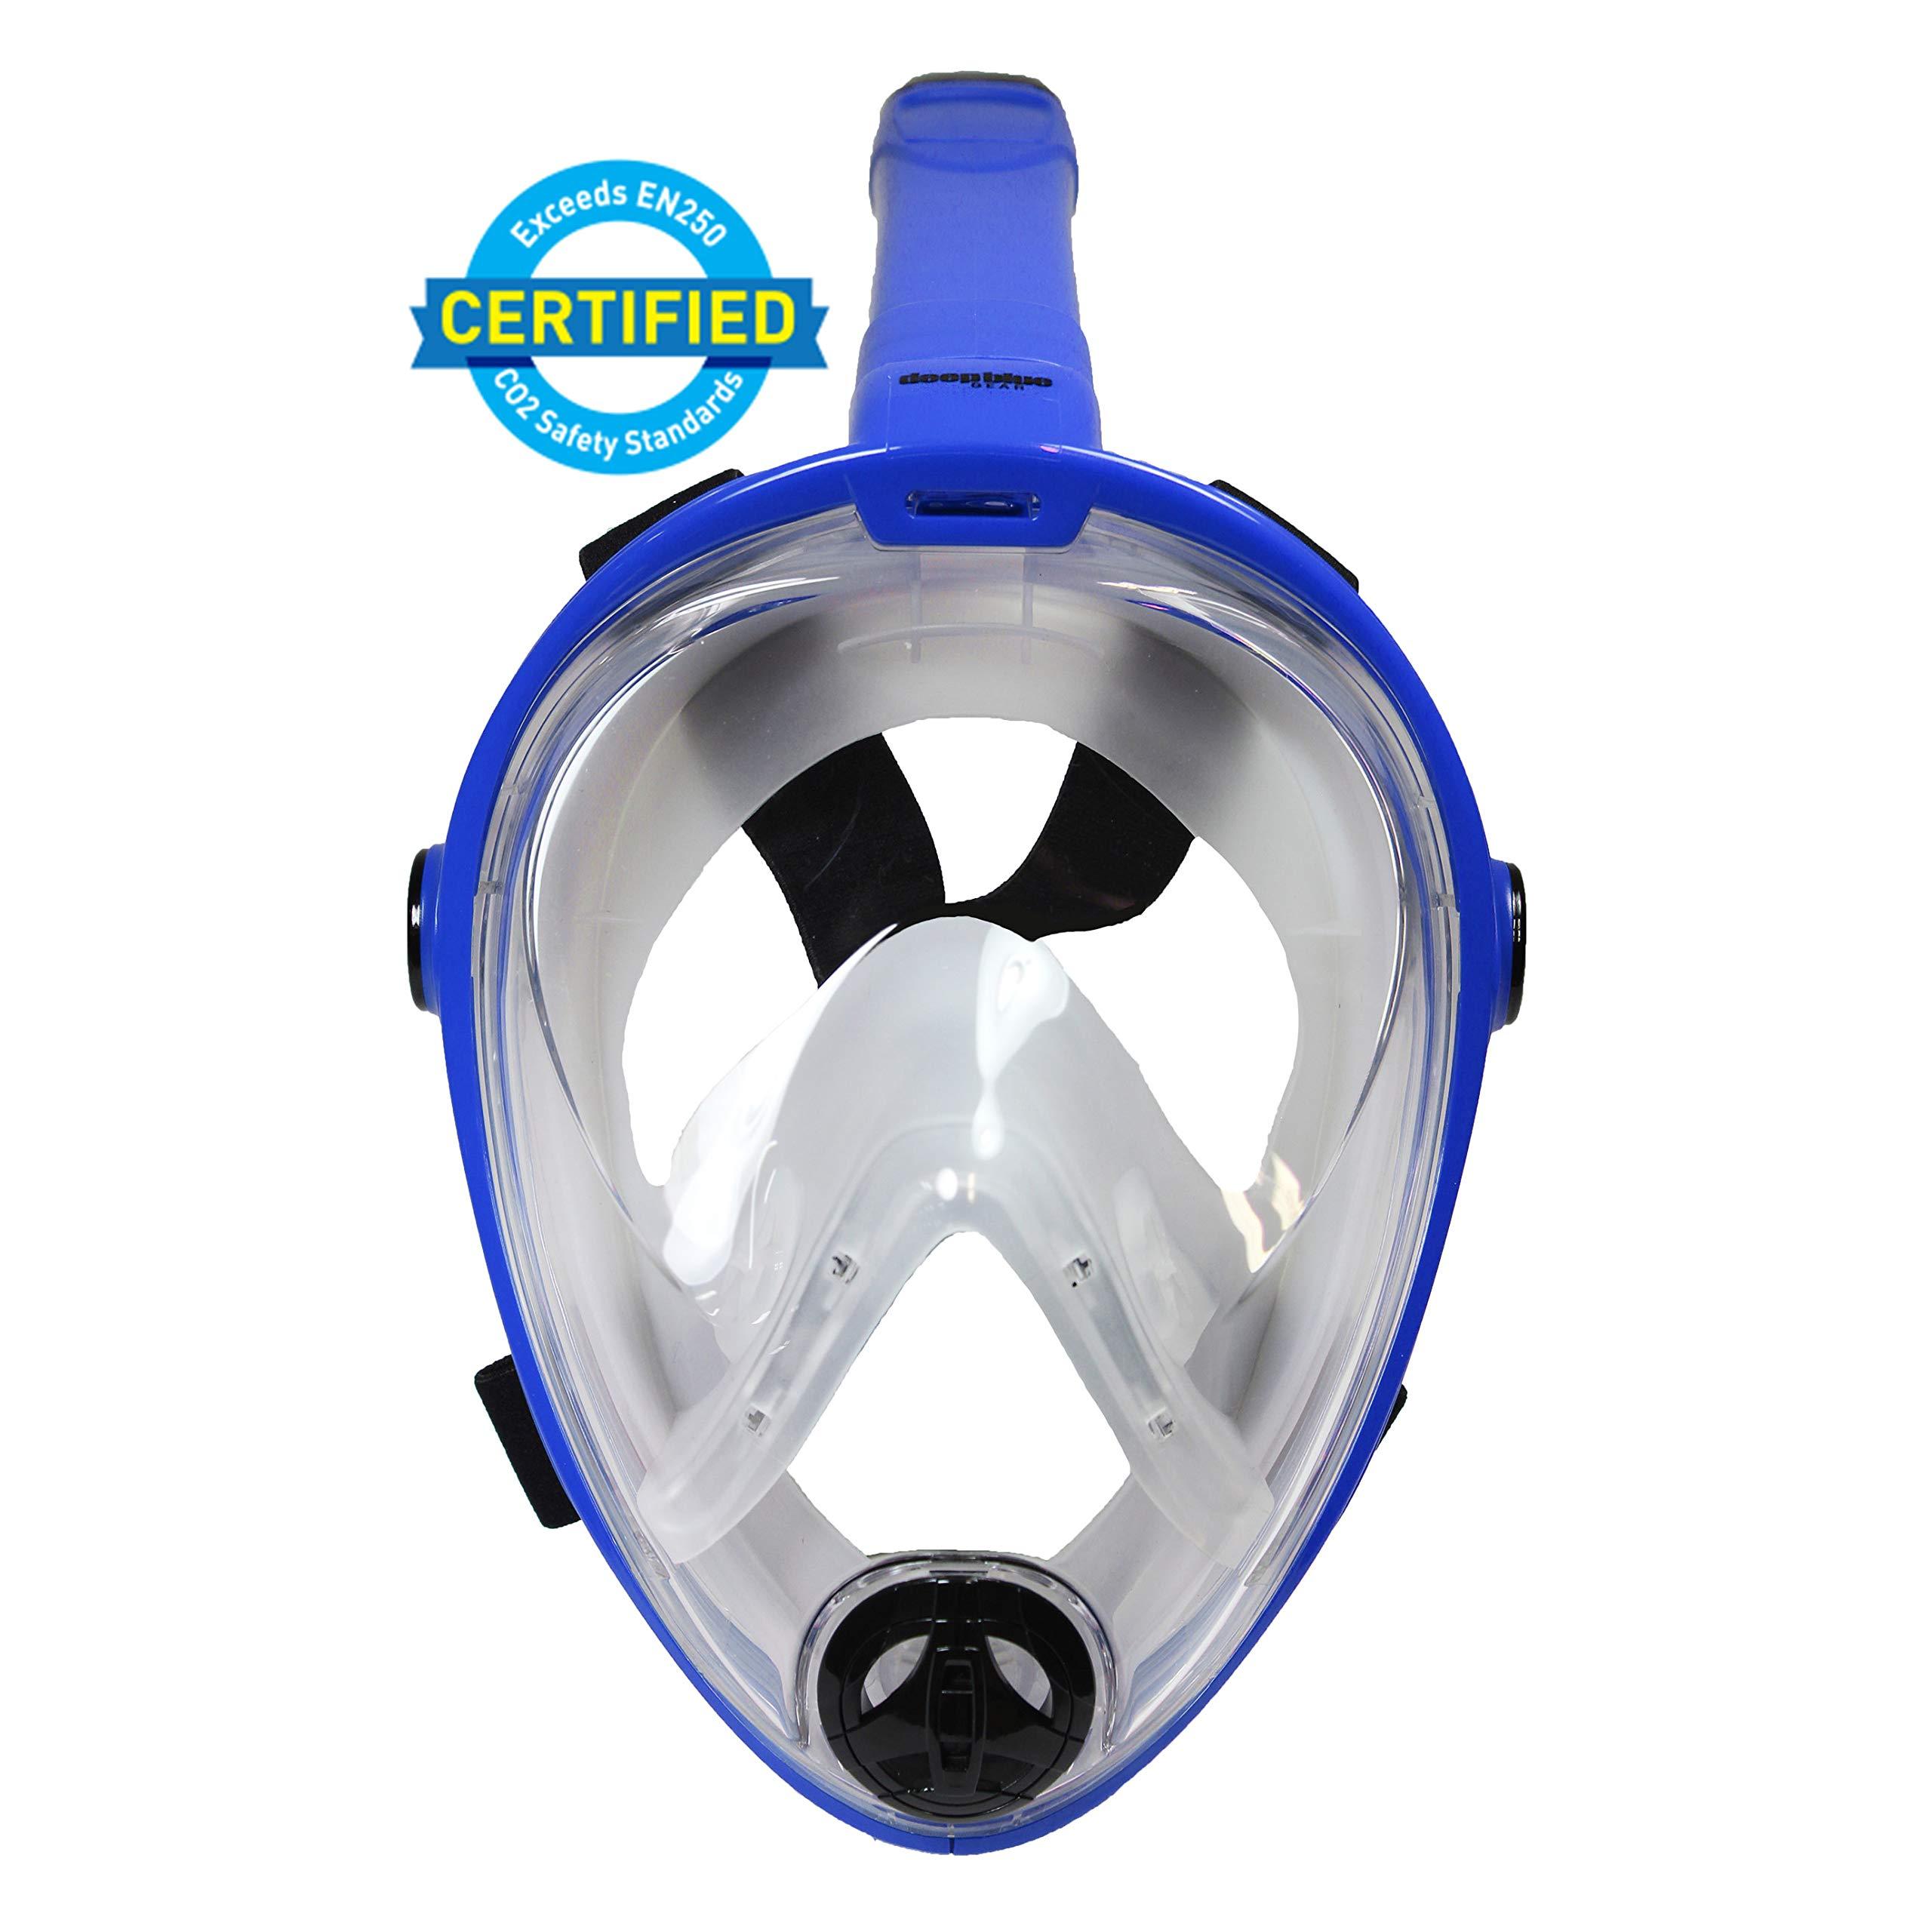 Deep Blue Gear - Vista Vue Full Face Snorkeling Mask by Deep Blue Gear